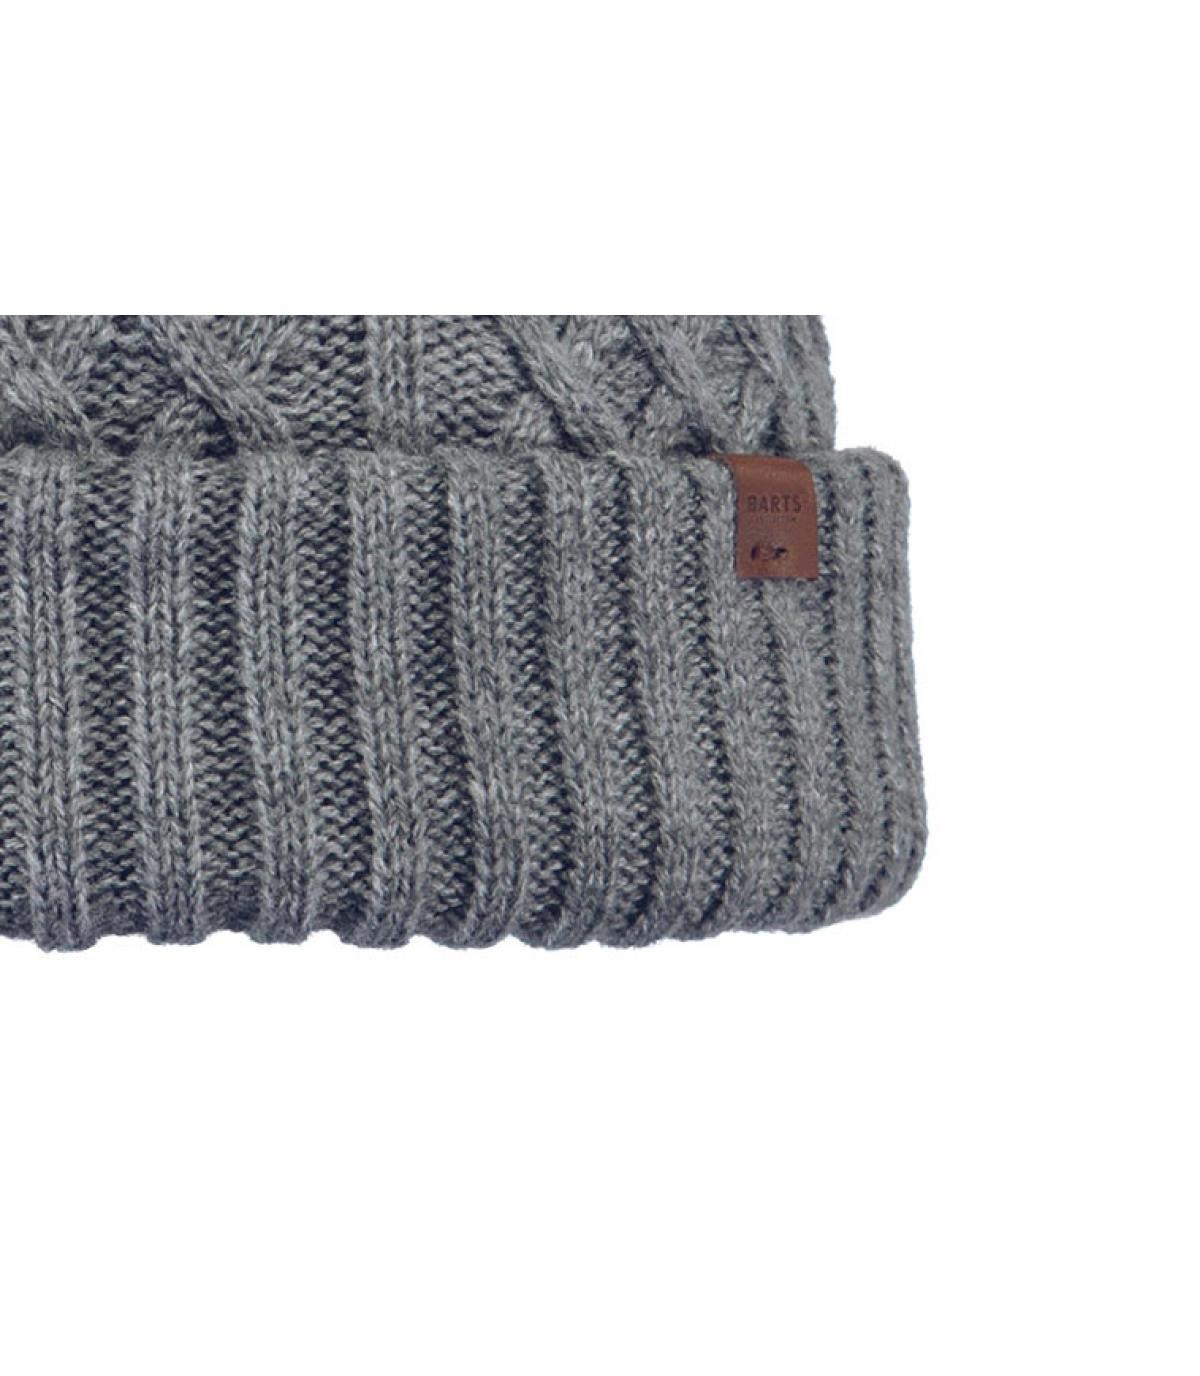 Details Mallard Beanie heather grey - Abbildung 3